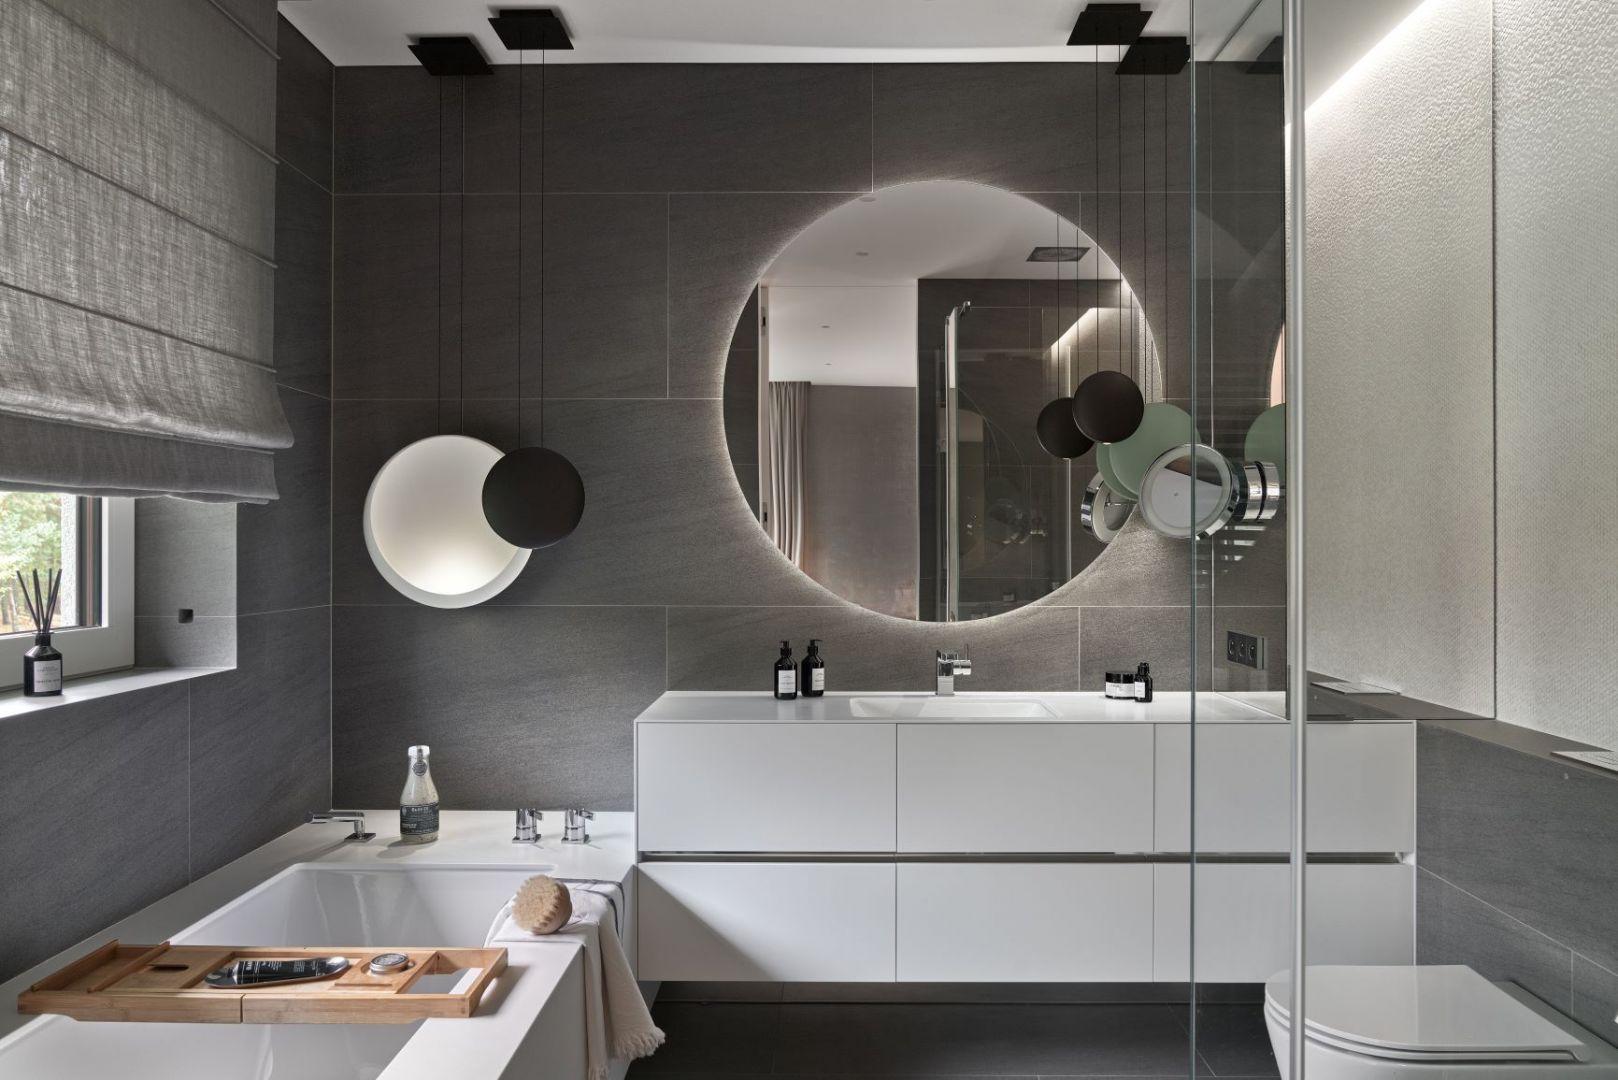 Okrągłe lustro w nowoczesnej łazience urządzone w szarej kolorystce. Projekt: Katarzyna Kraszewska Architektura Wnętrz. Fot. Tom Kurek